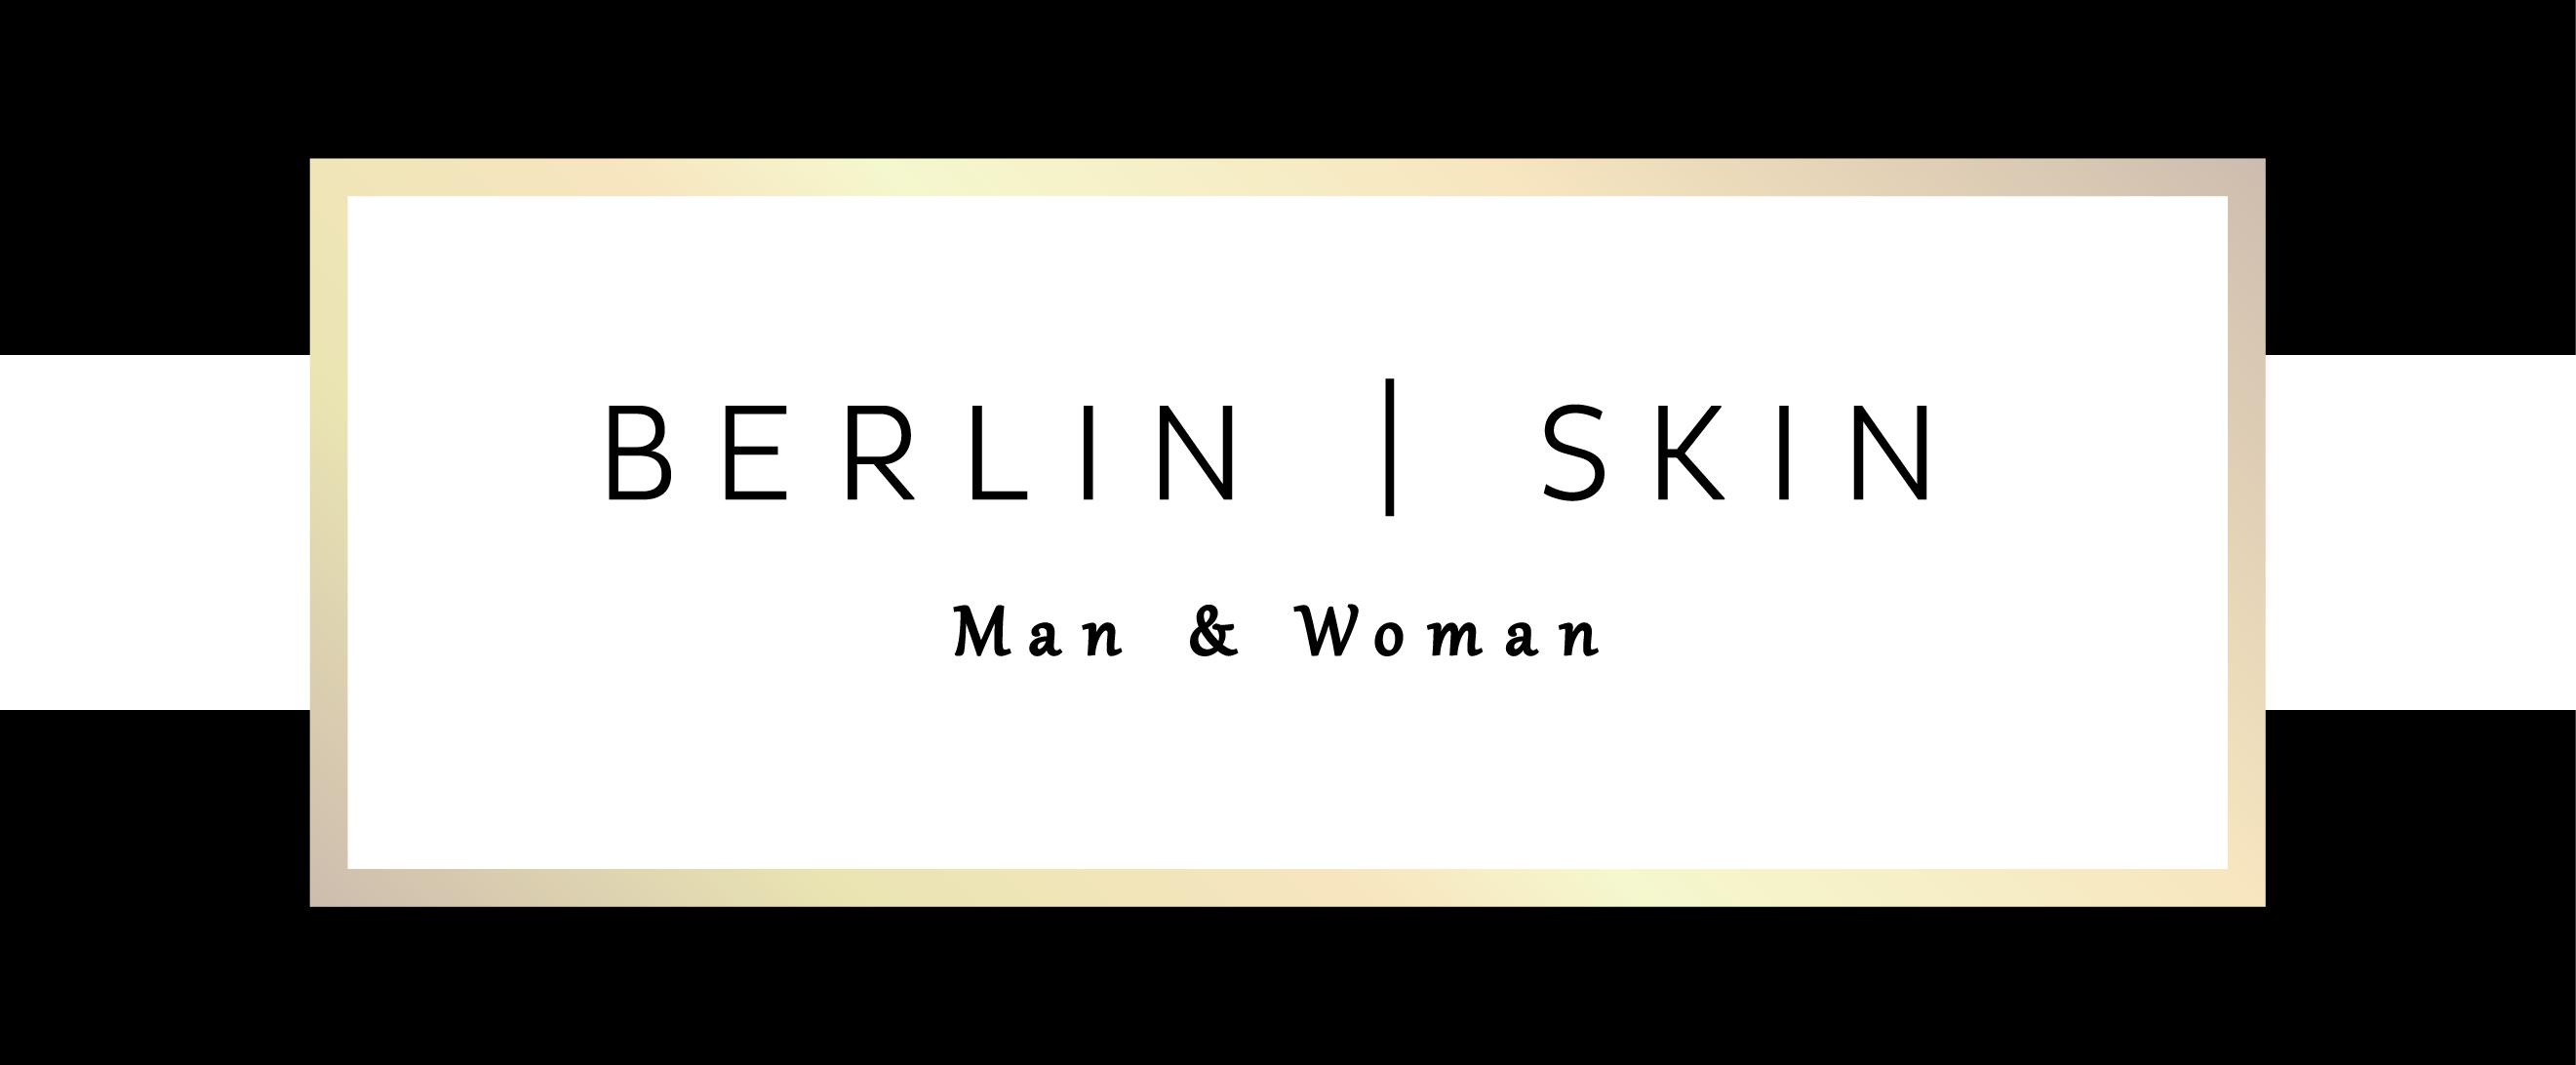 Berlin Skin